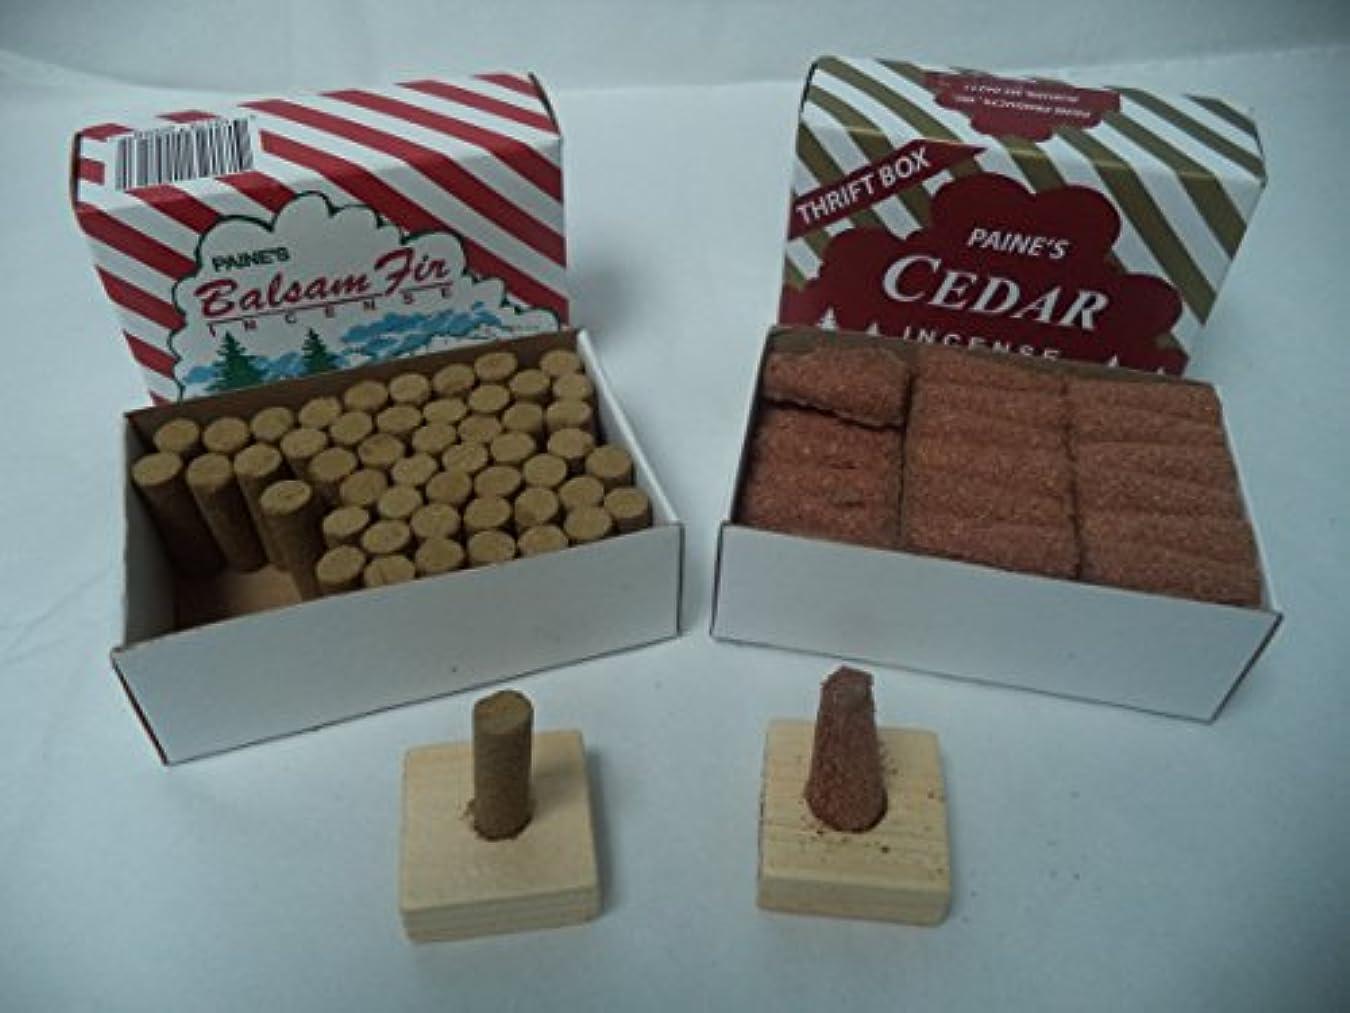 サミット古くなった最も遠いPaine 's Balsam Fir 50 Sticks + Red Cedar Cones 50 Cones : 100クリスマスIncence